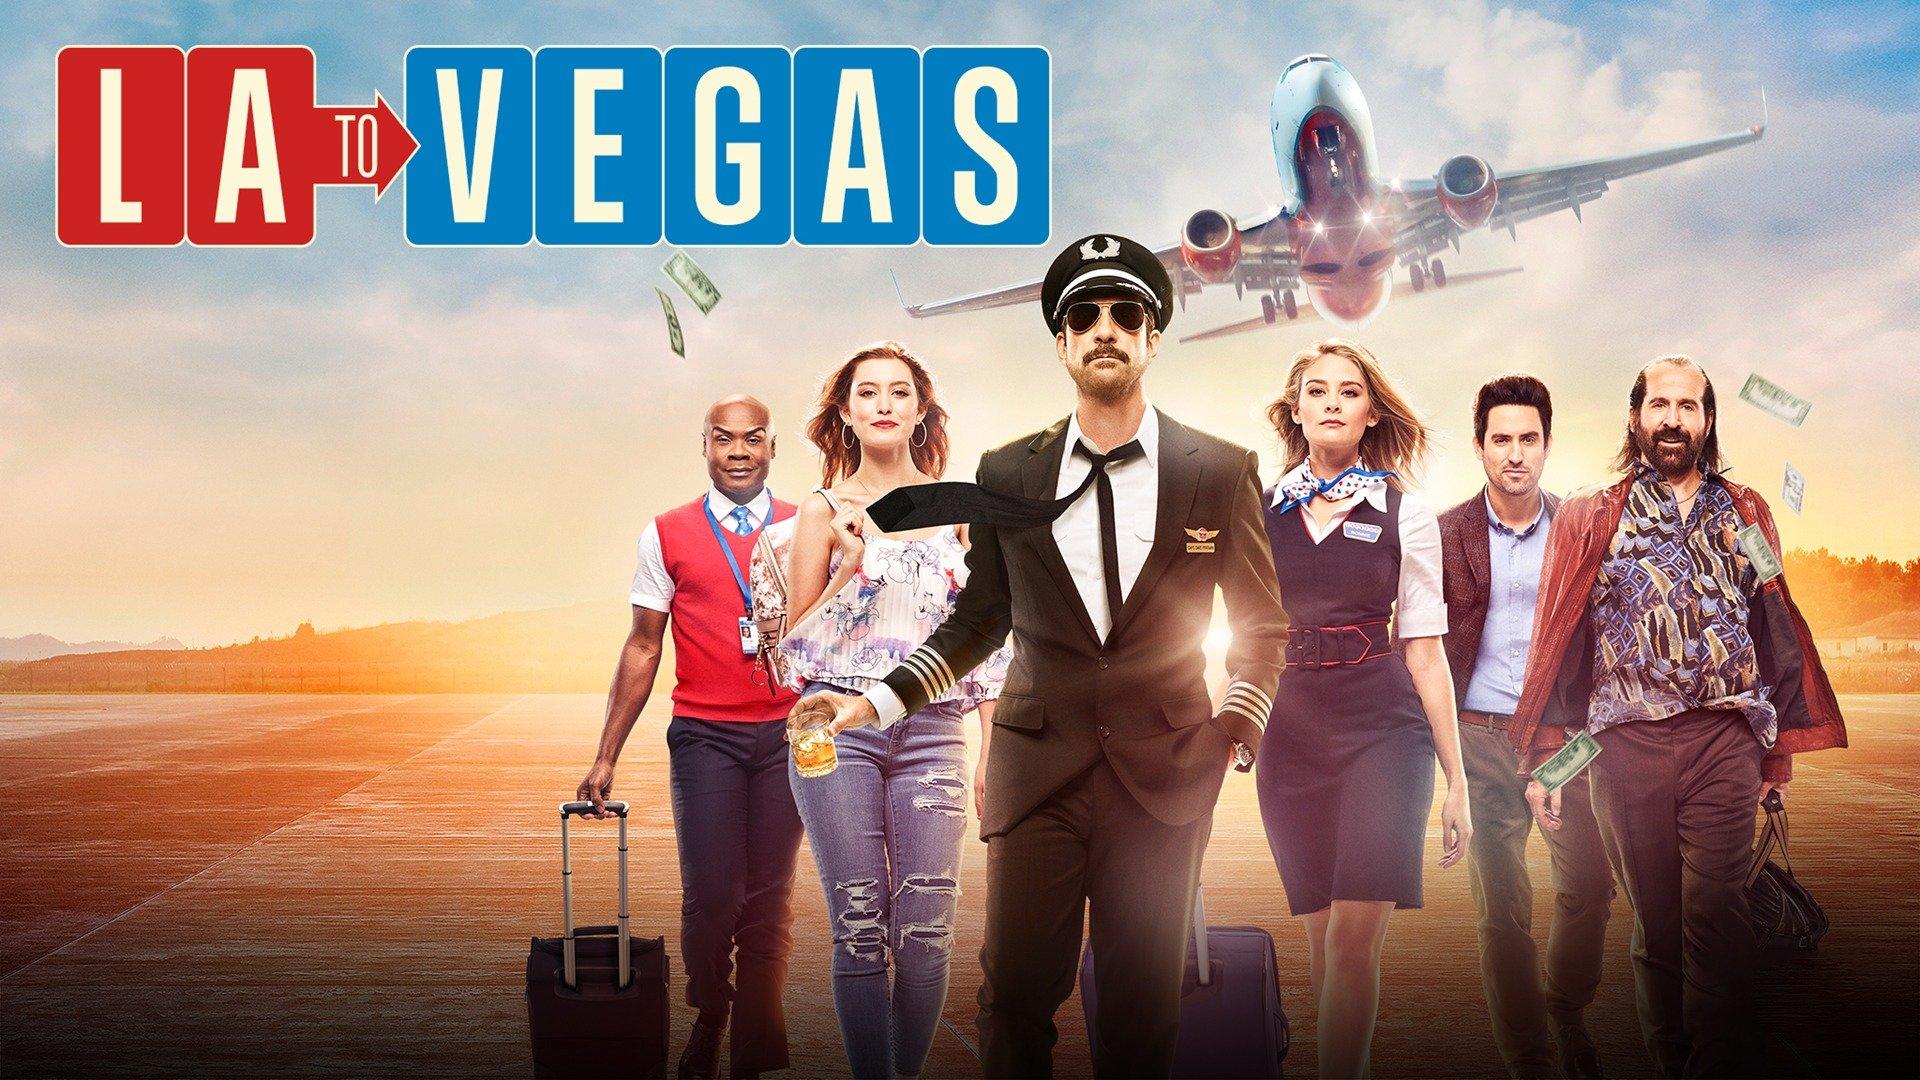 LA to Vegas - FOX